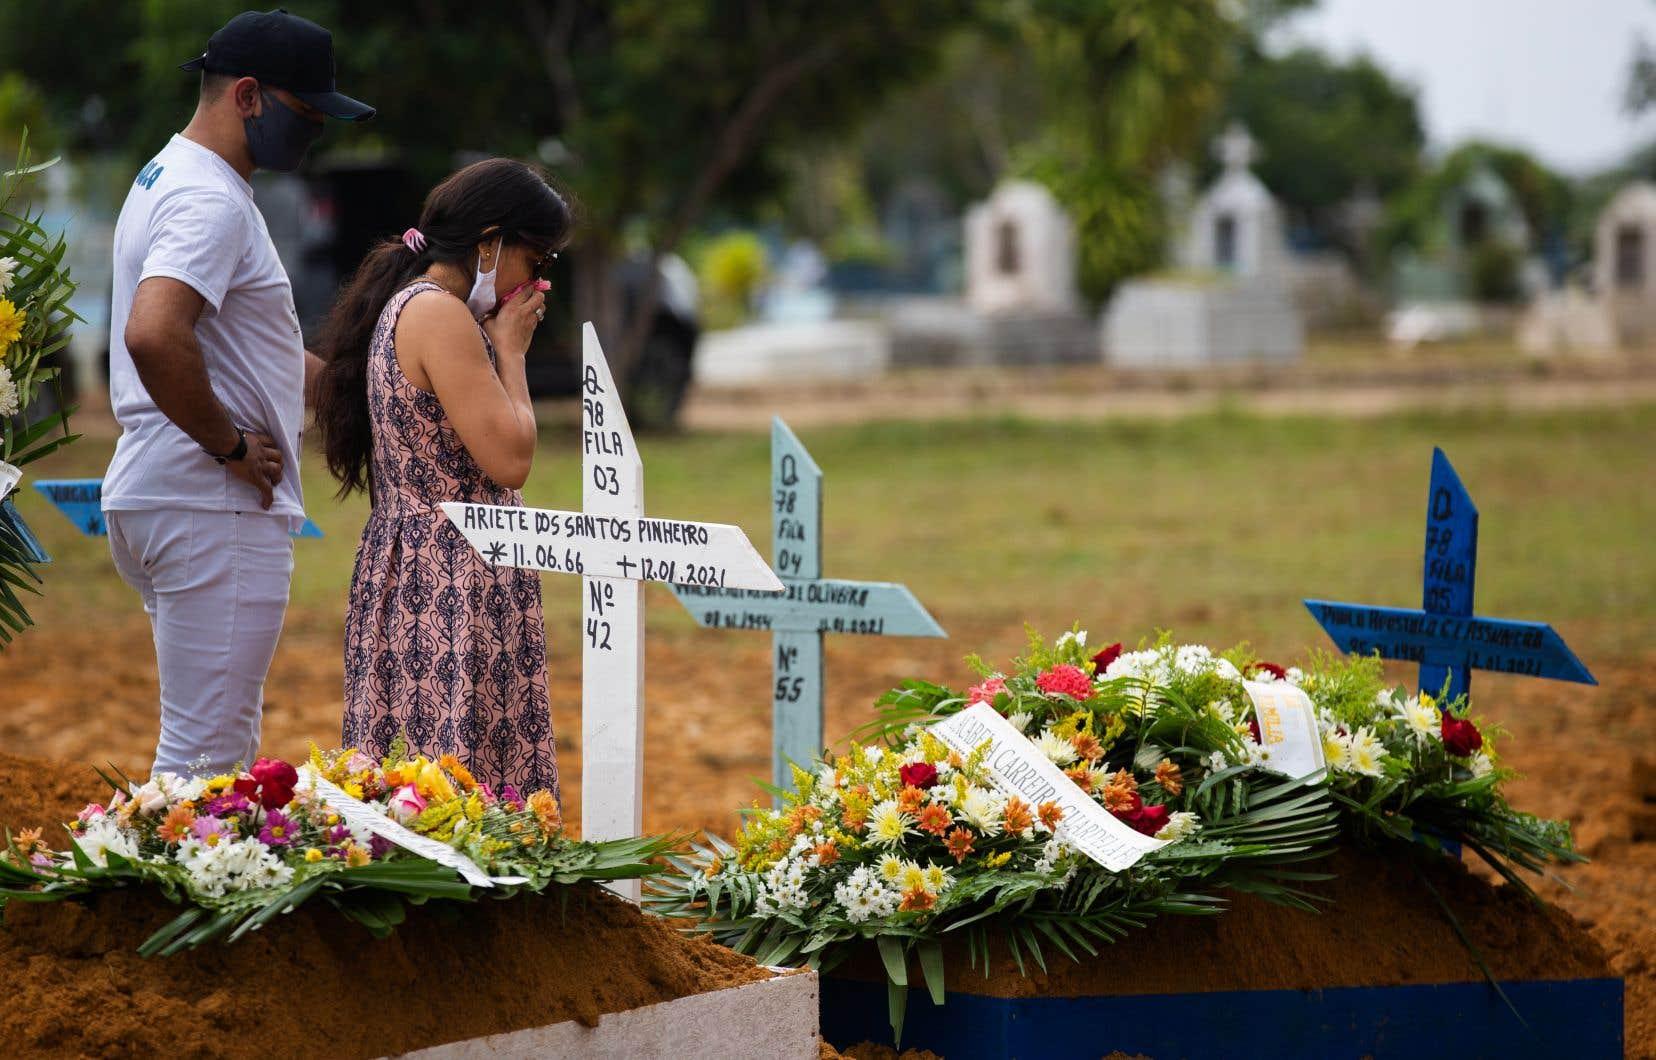 Le Brésil est le deuxième pays ayant enregistré le plus grand nombre de morts dues à la COVID-19, après les États-Unis (389581).